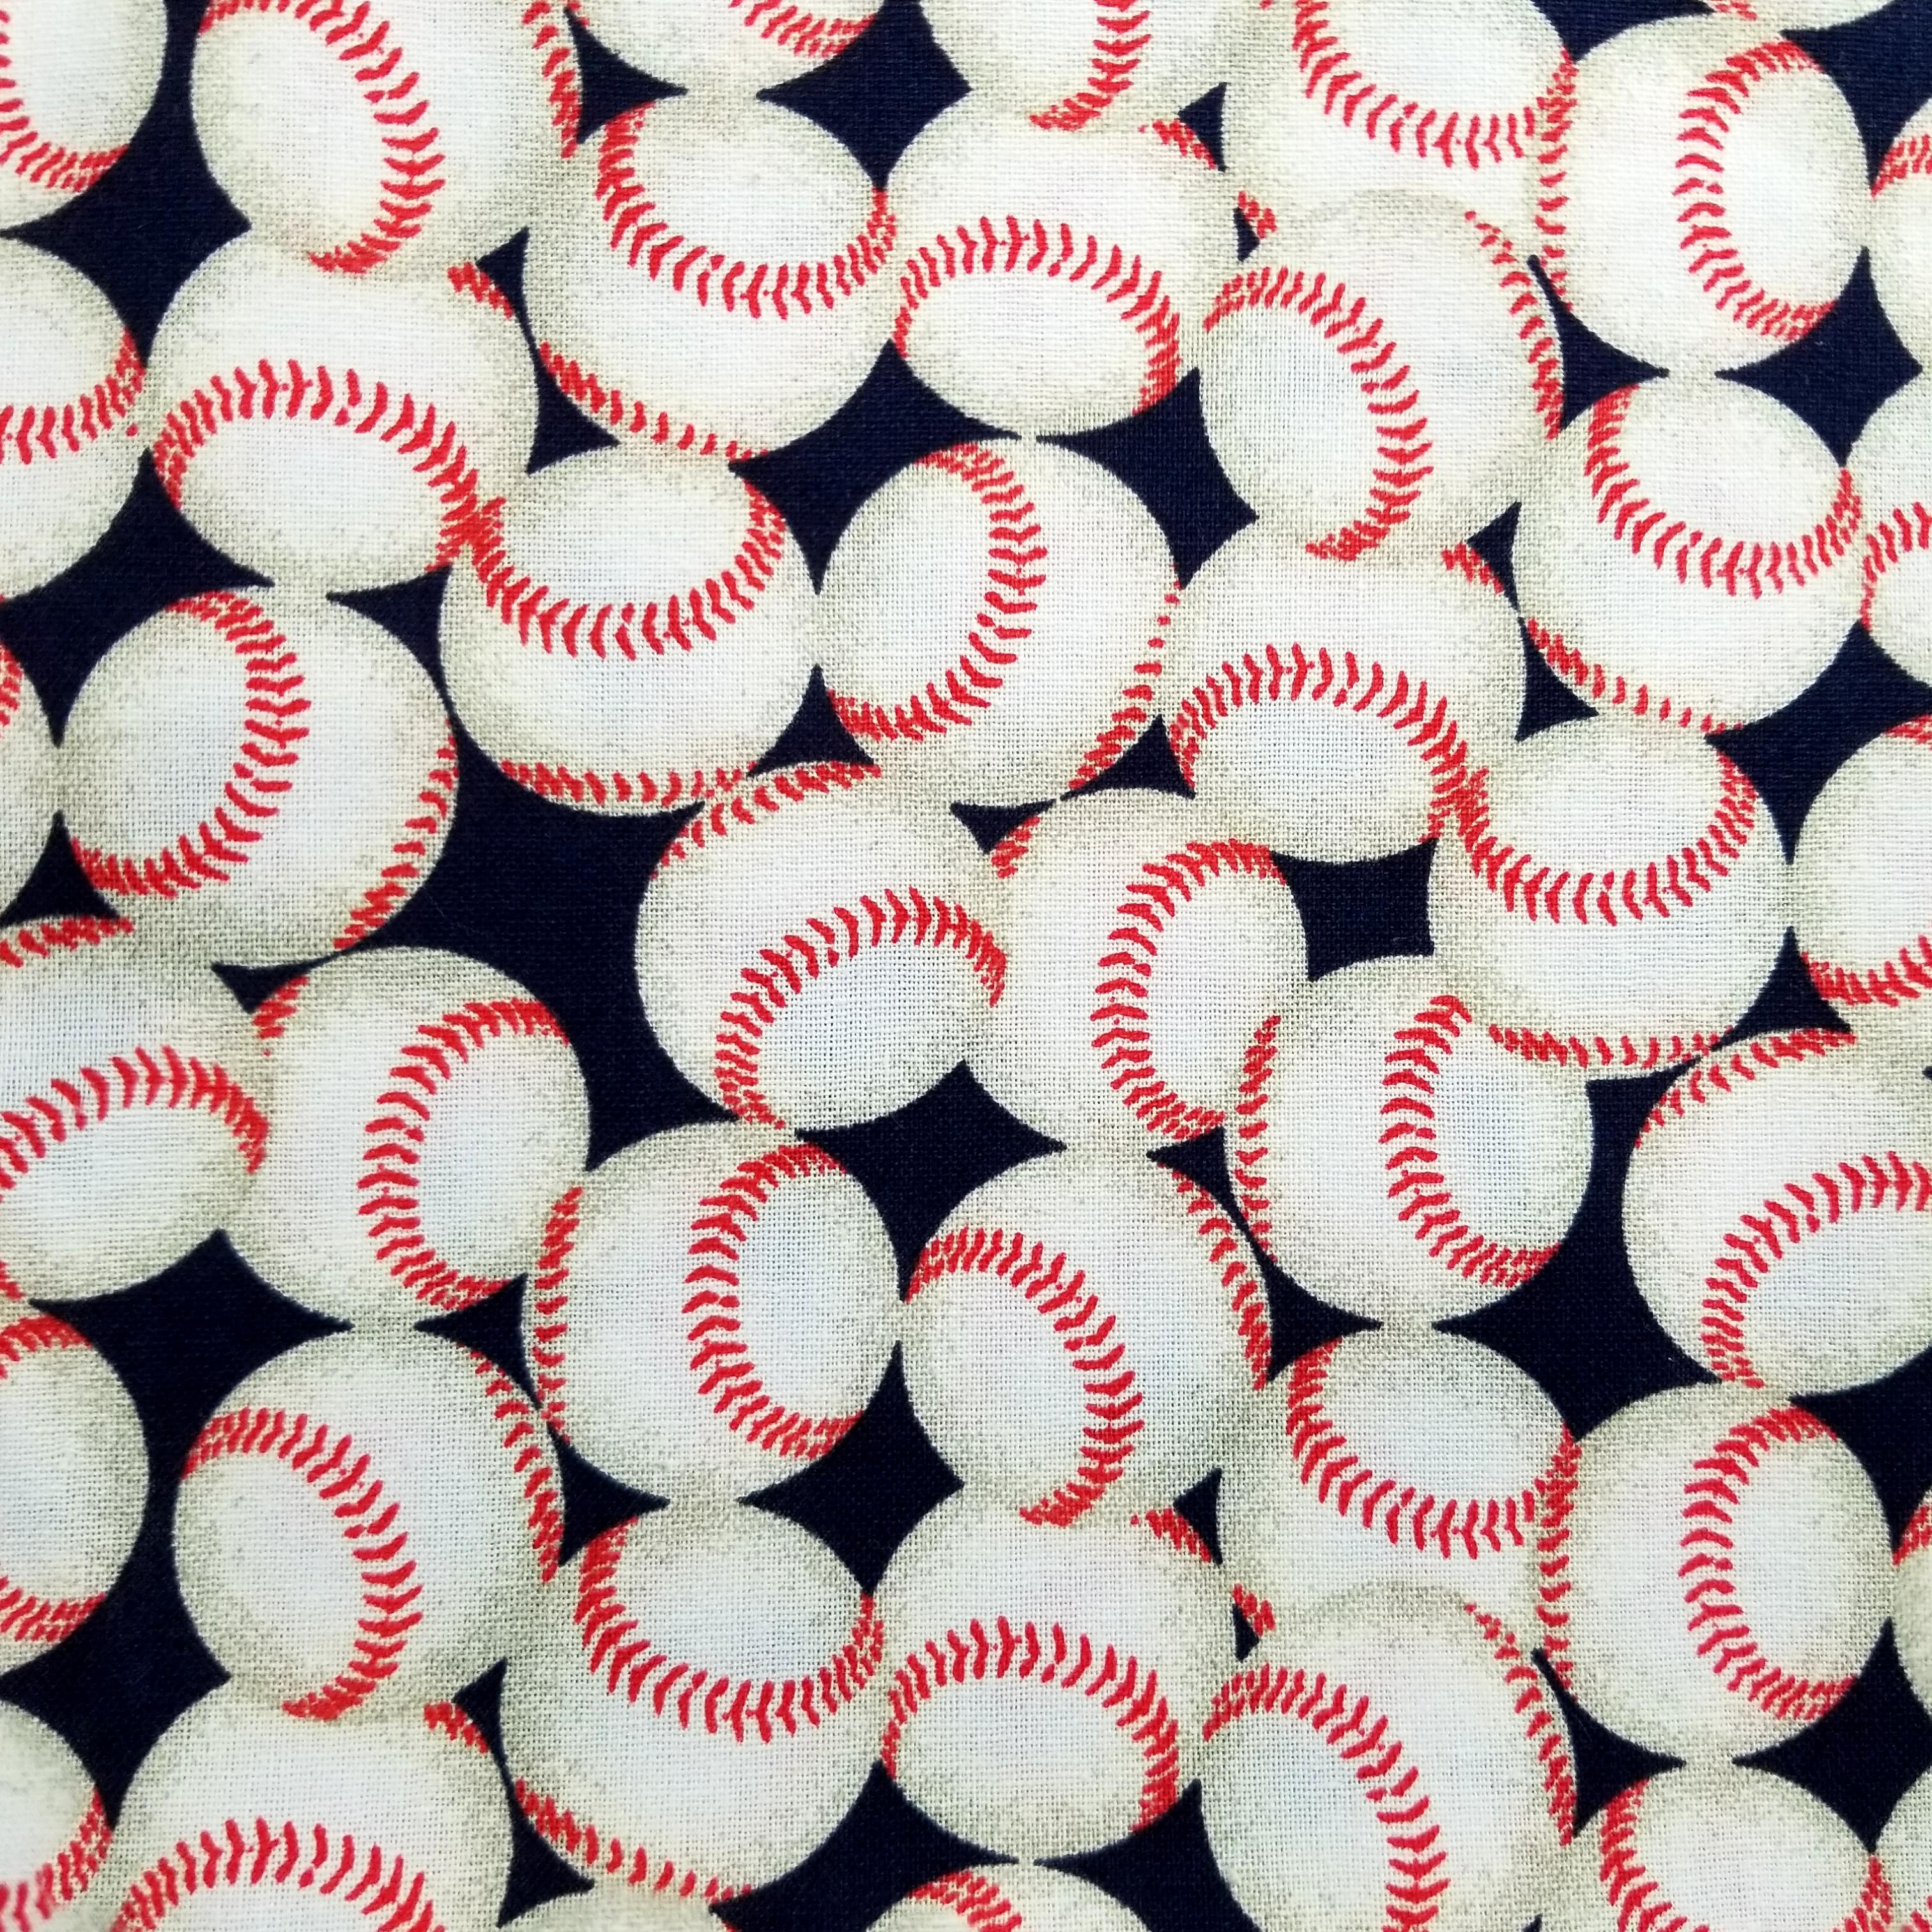 Team Baseball Red White Black